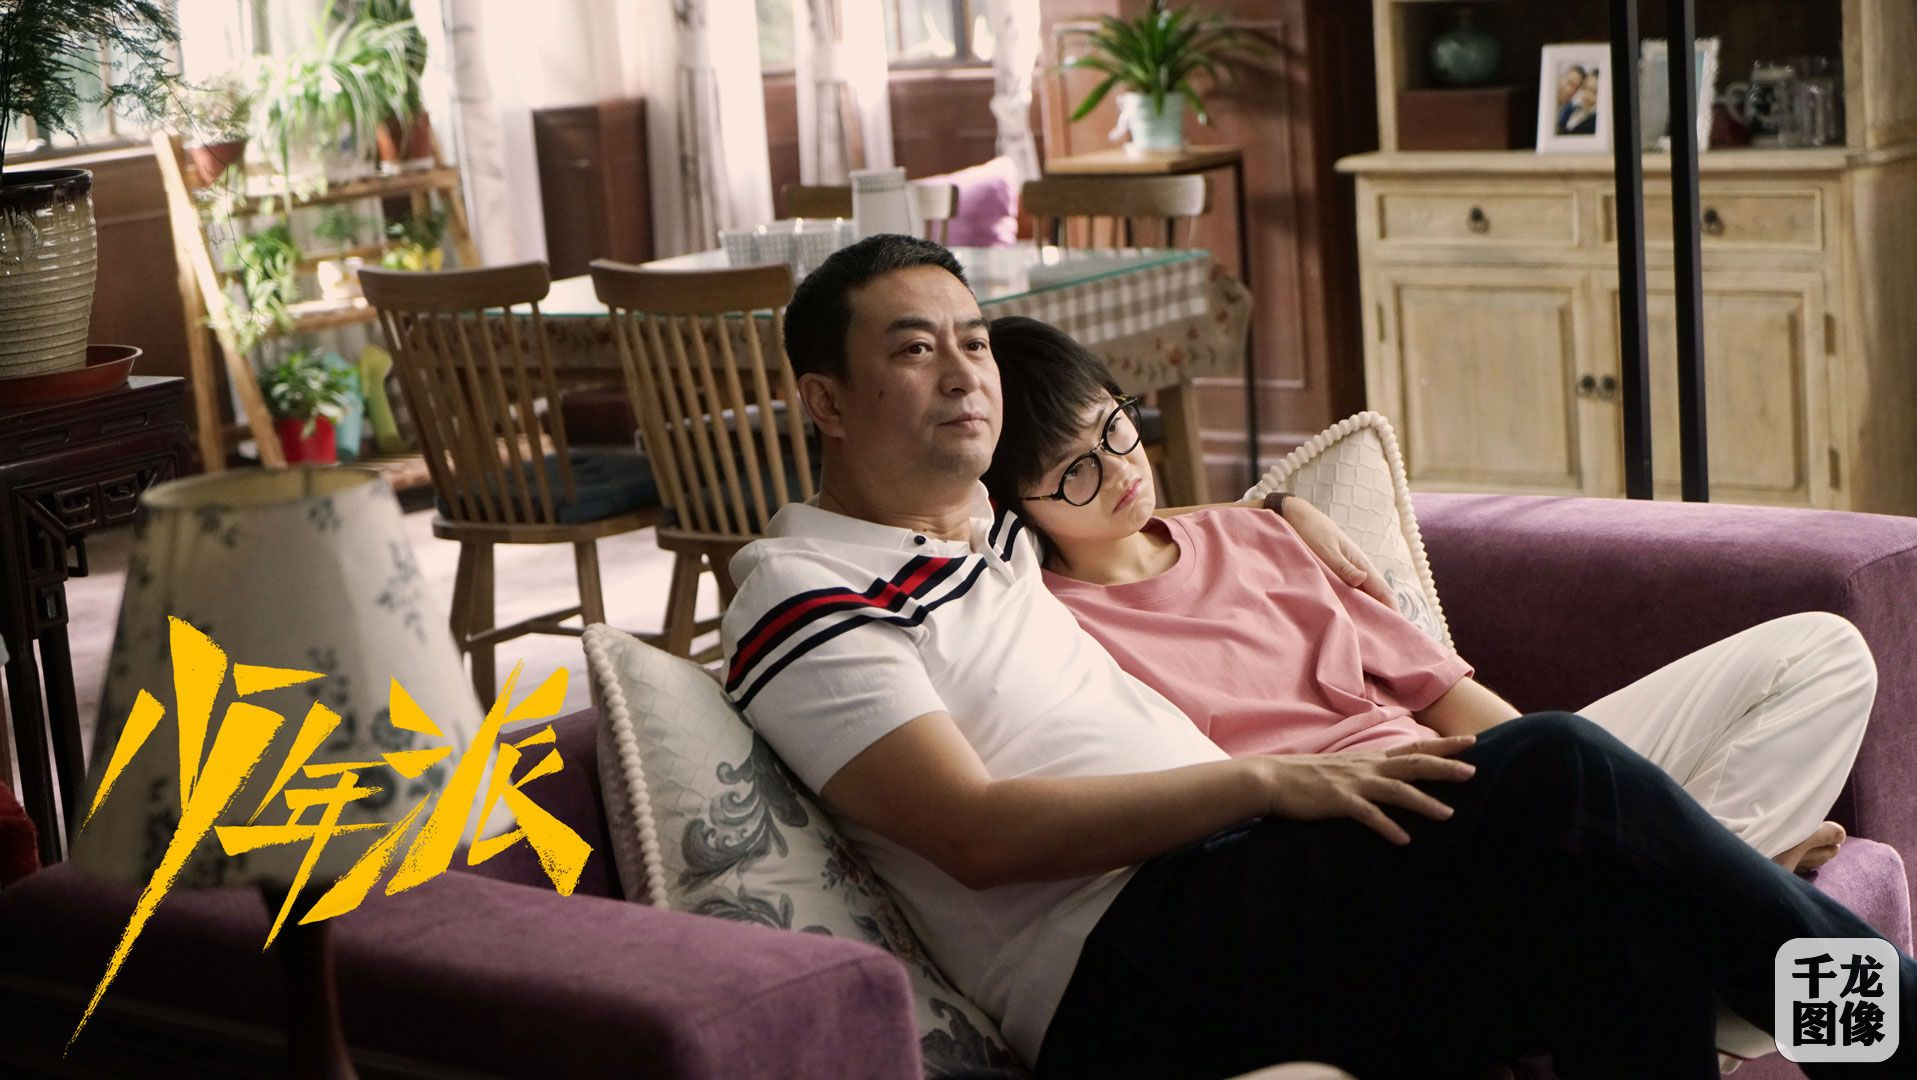 """《少年派》收官首部家庭伦理+青春成长""""题材剧爆款出圈"""